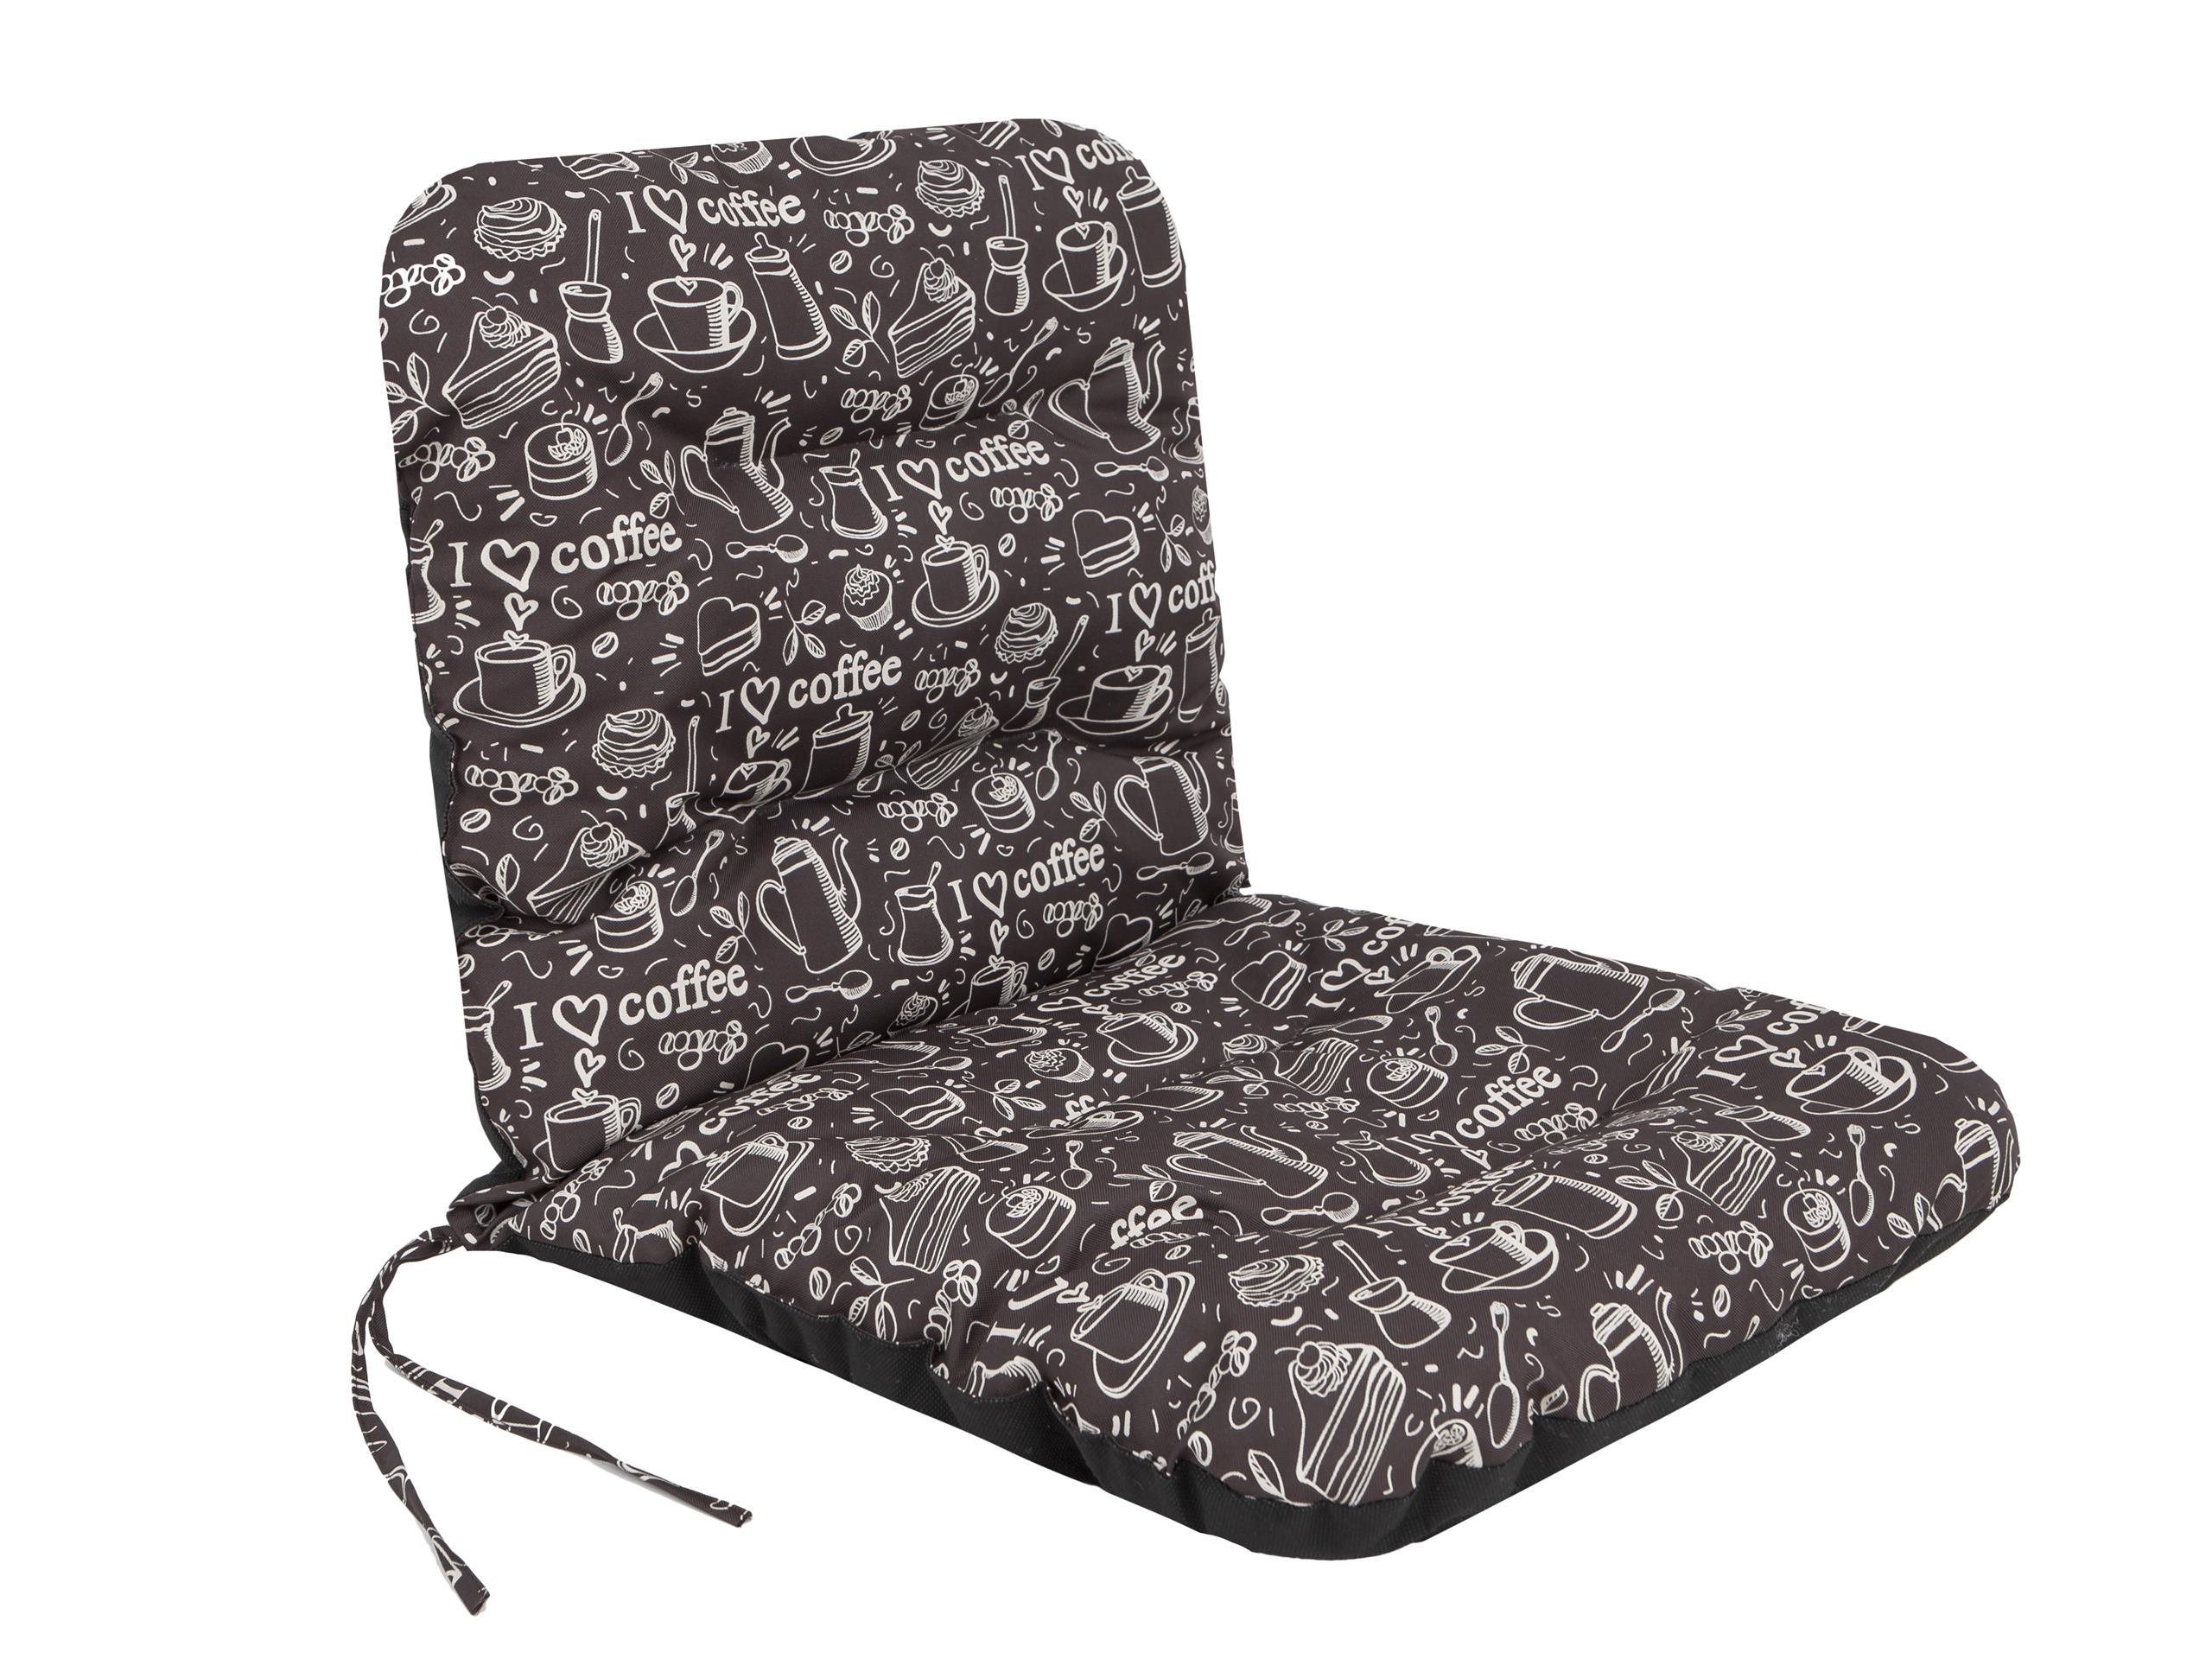 ПОДУШКА для шезлонга Кресло Садовое кресло 96x48 см